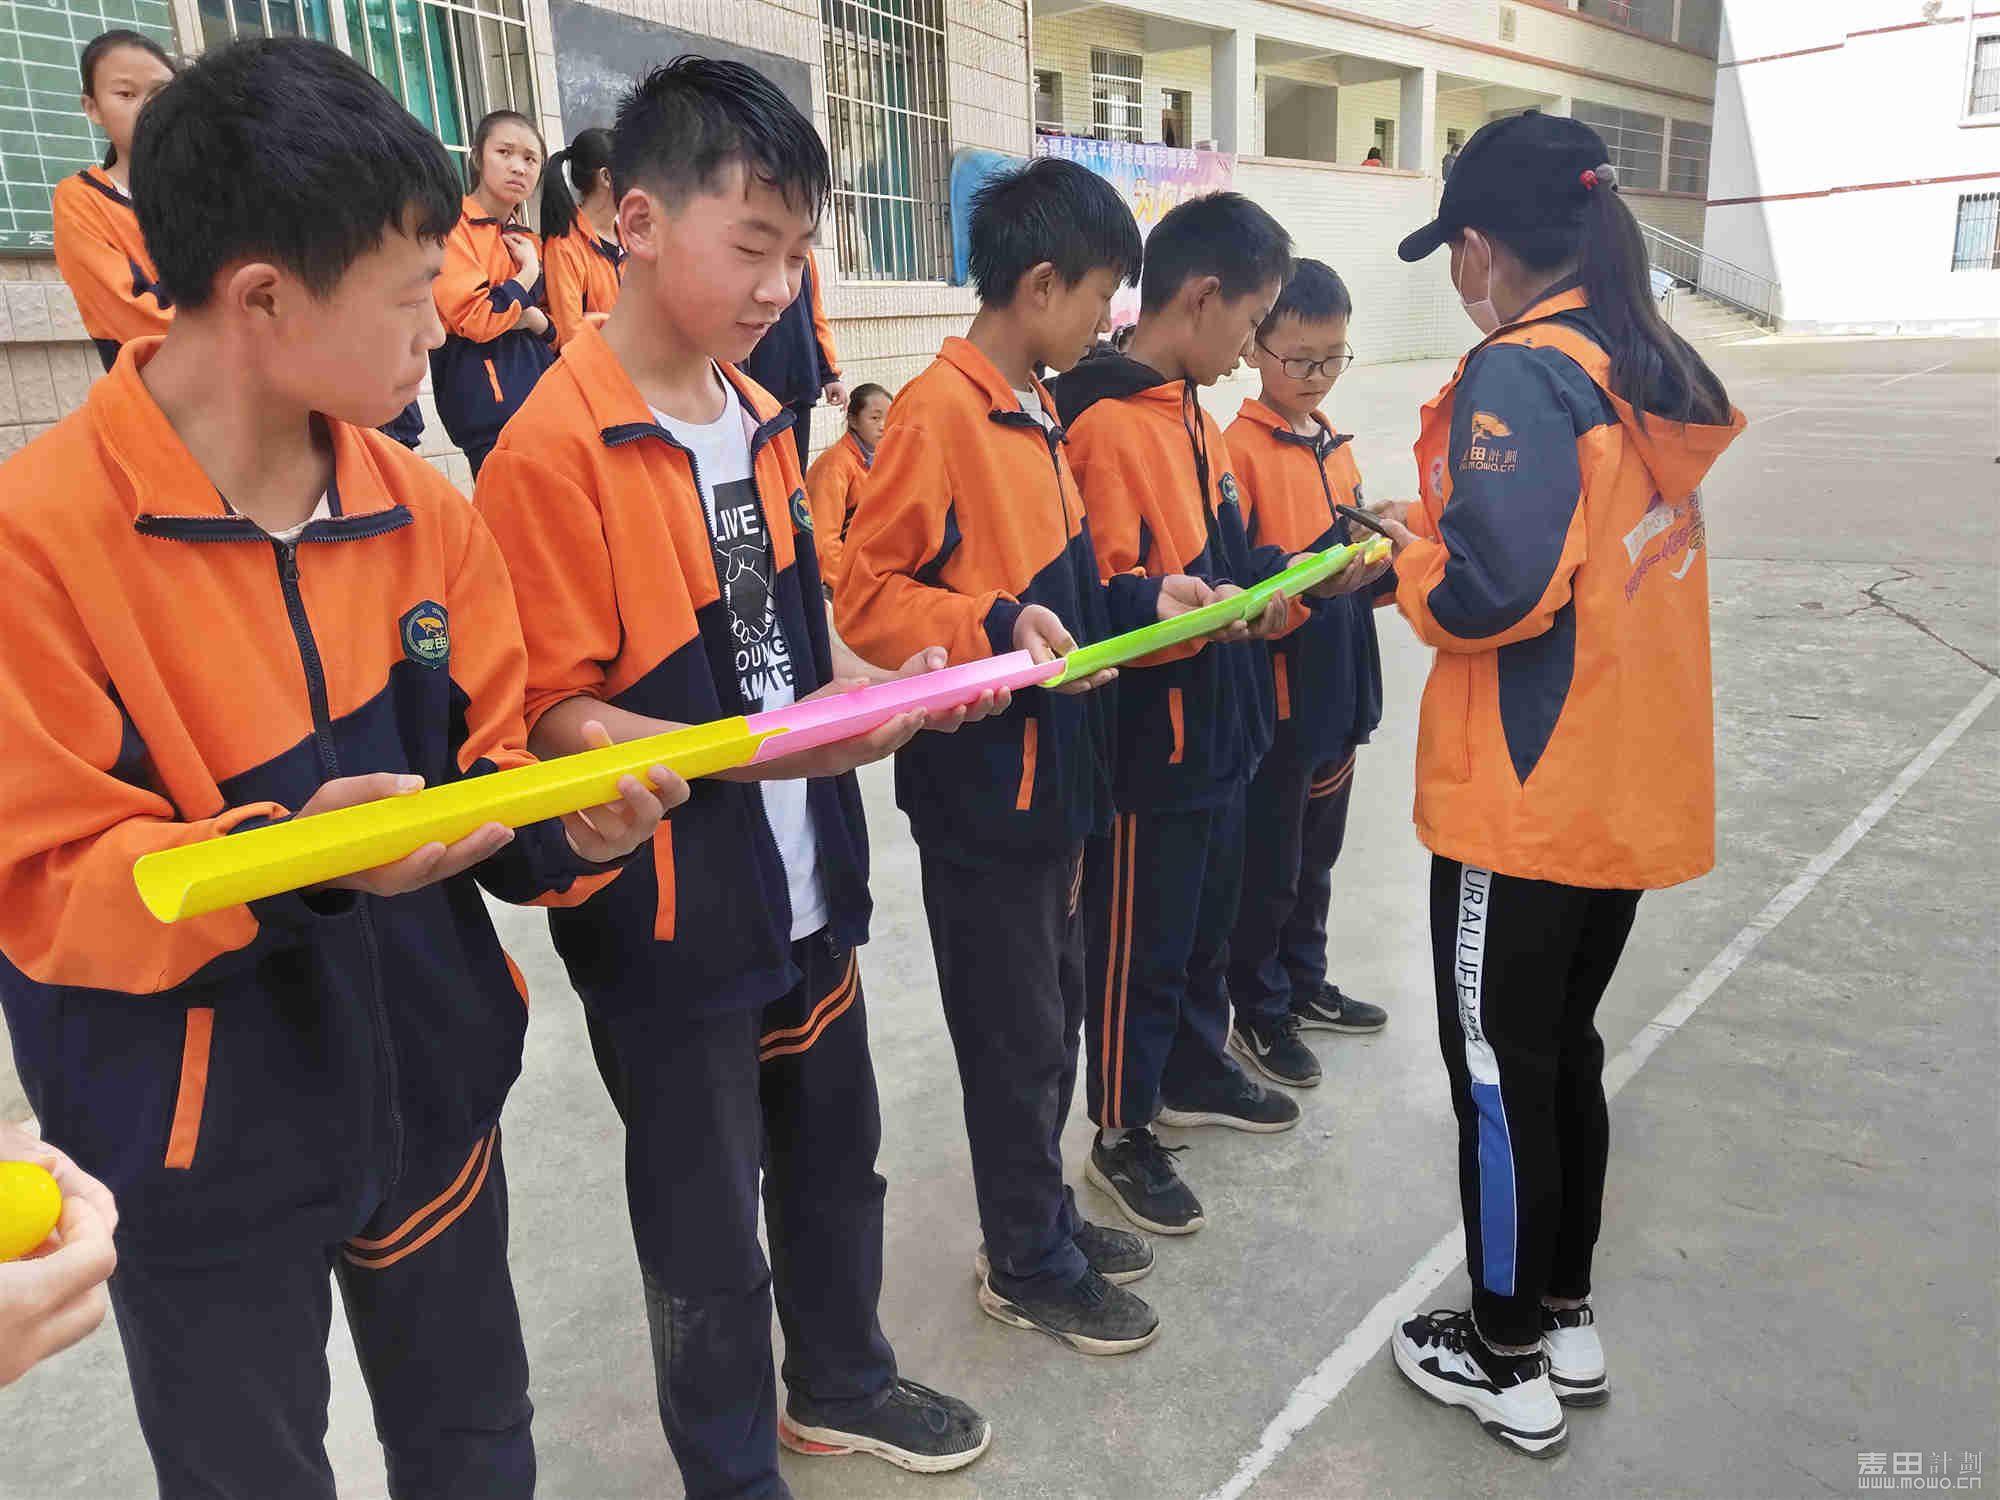 这个游戏叫千里传珠,孩子们小心翼翼,齐心协力的把珠子传到指定地方。